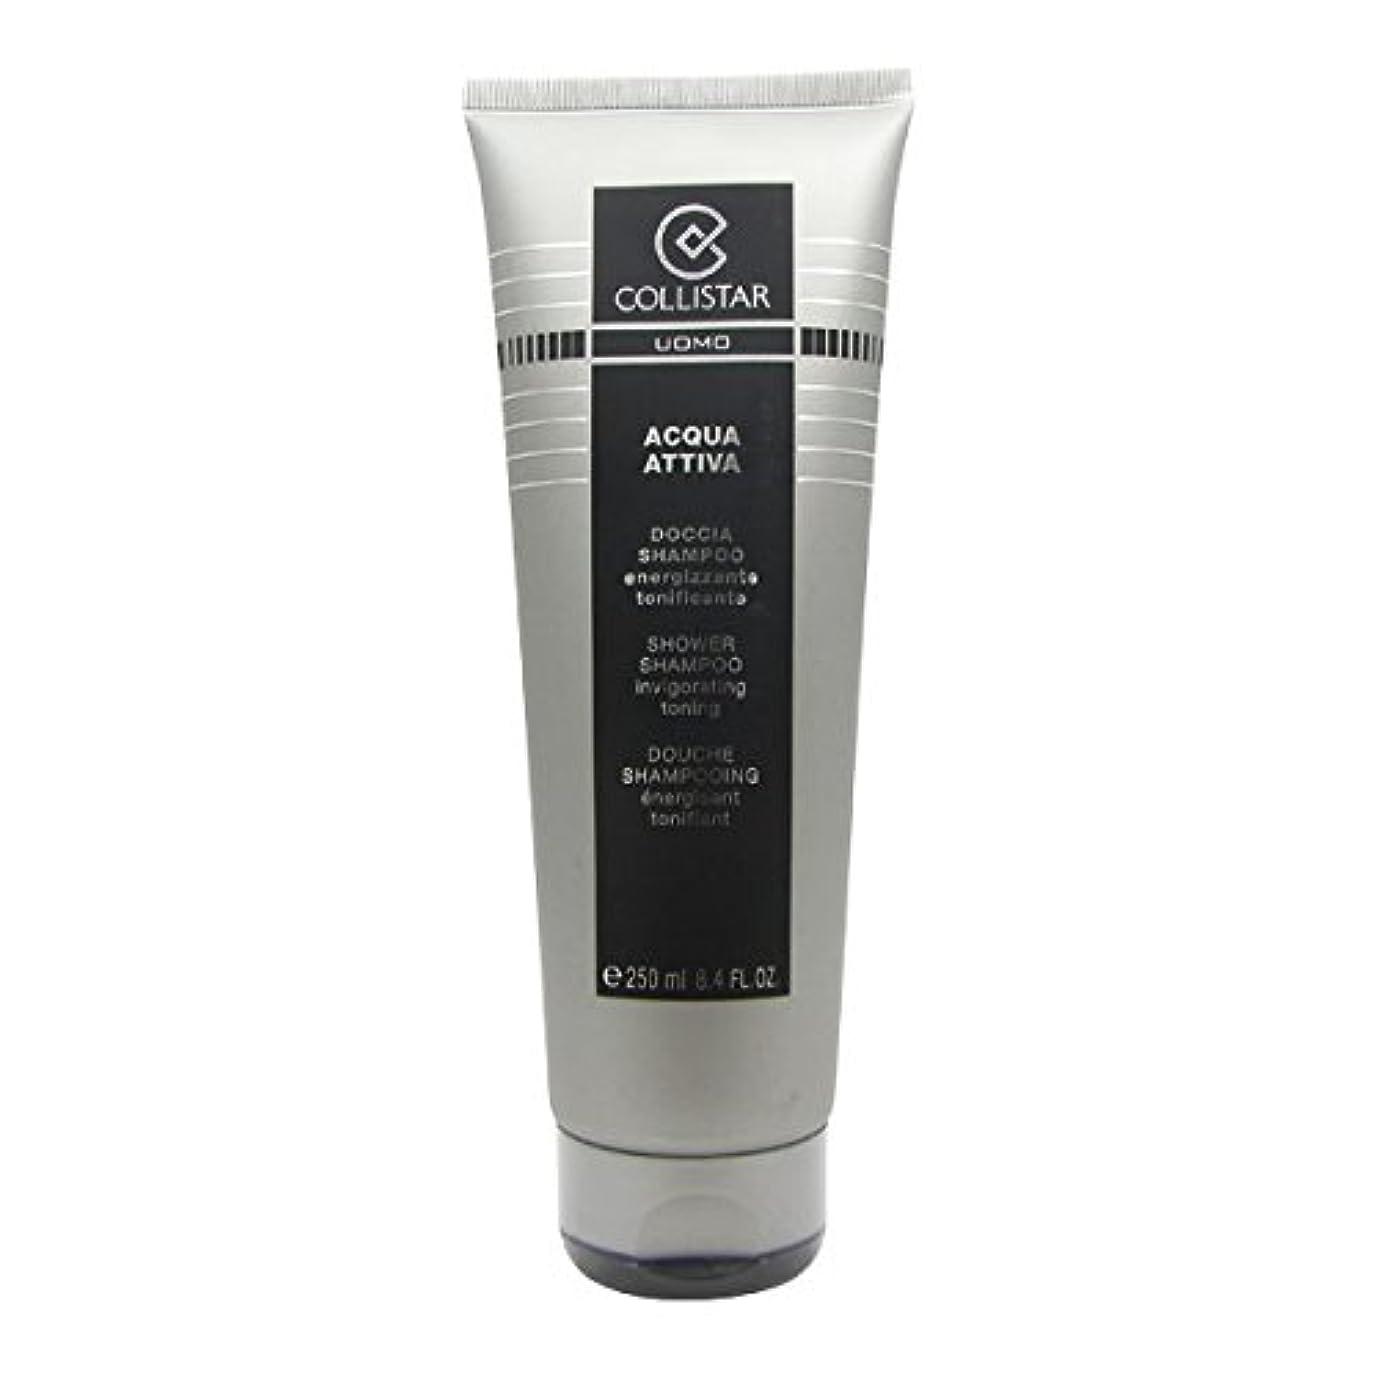 推進なめらか原子炉Collistar Men Acqua Attiva Shower Shampoo 250ml [並行輸入品]